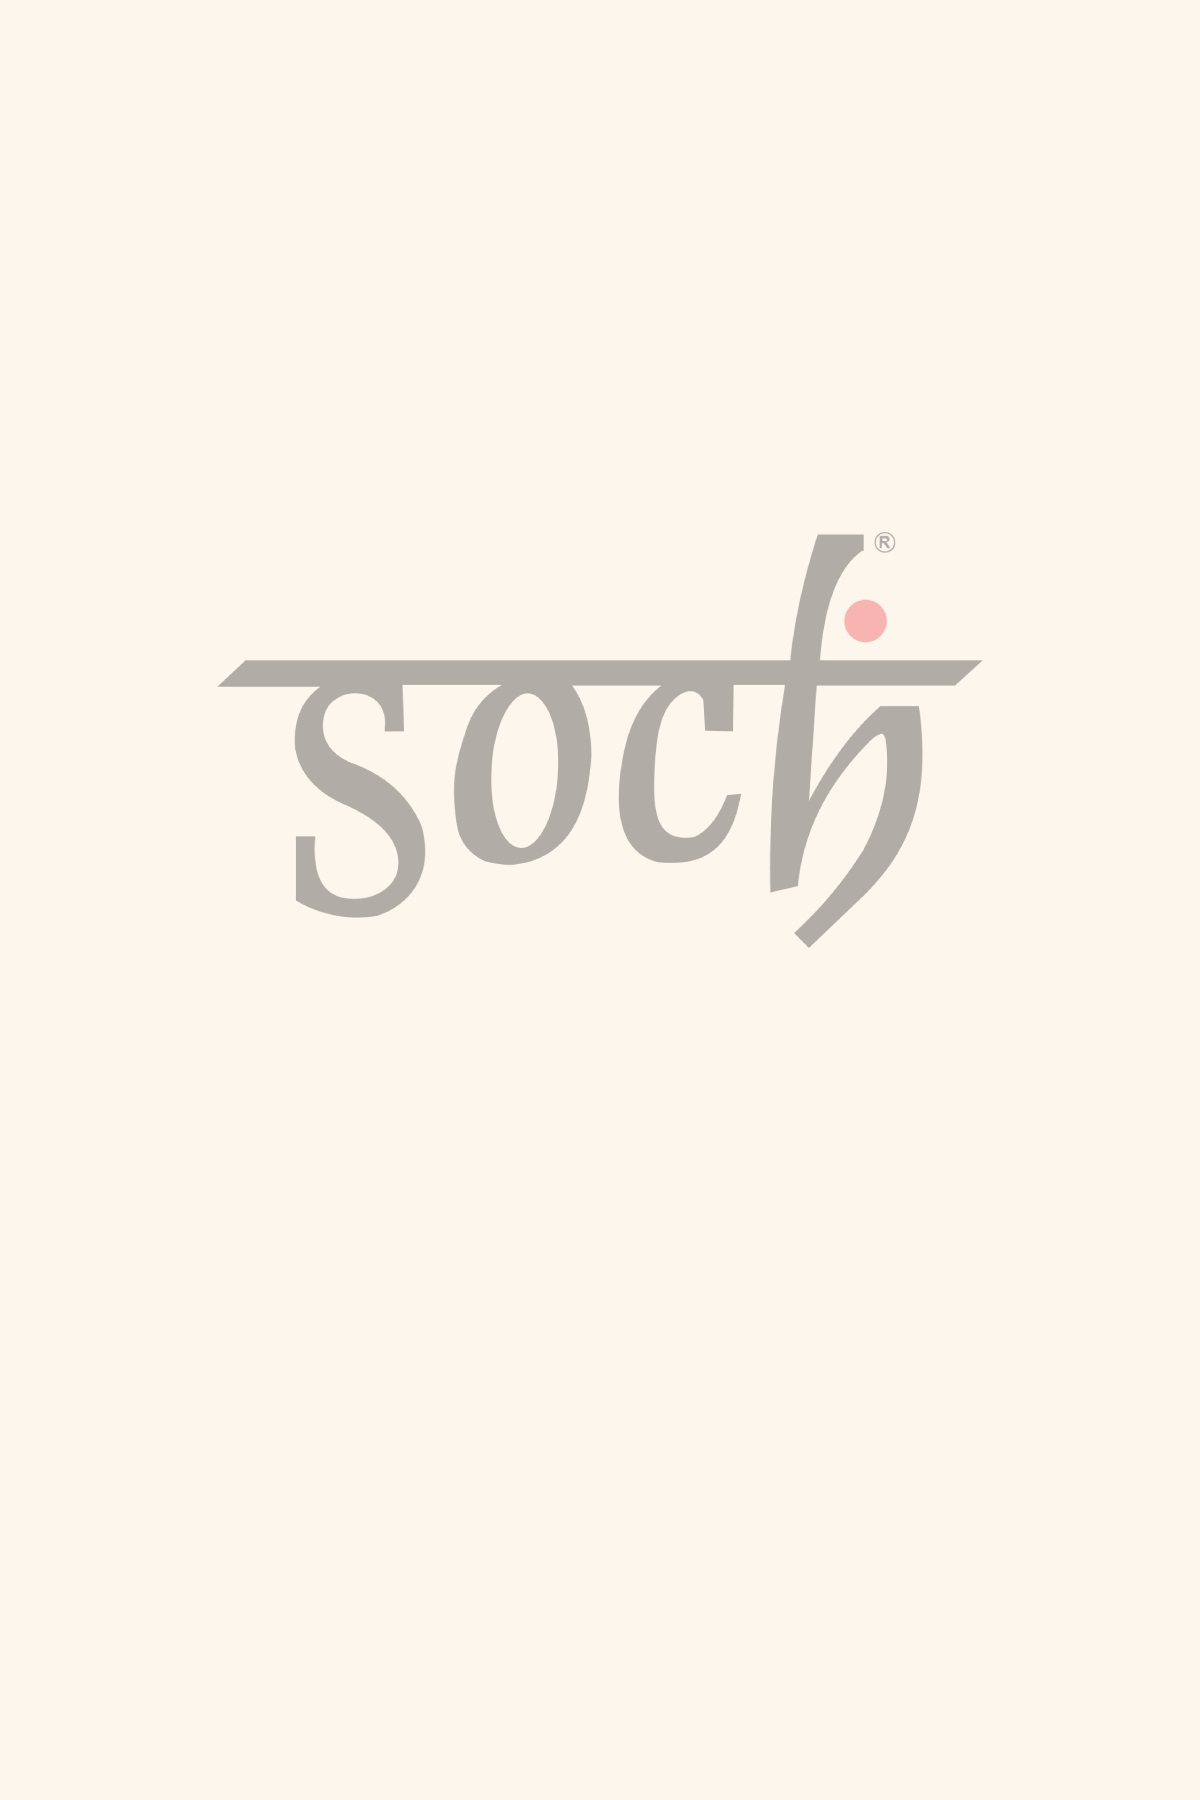 7a05d35e517 Soch Straight Printed Cotton Beige Kurti - SOCH NC KT 5022-BEIGE-GREEN